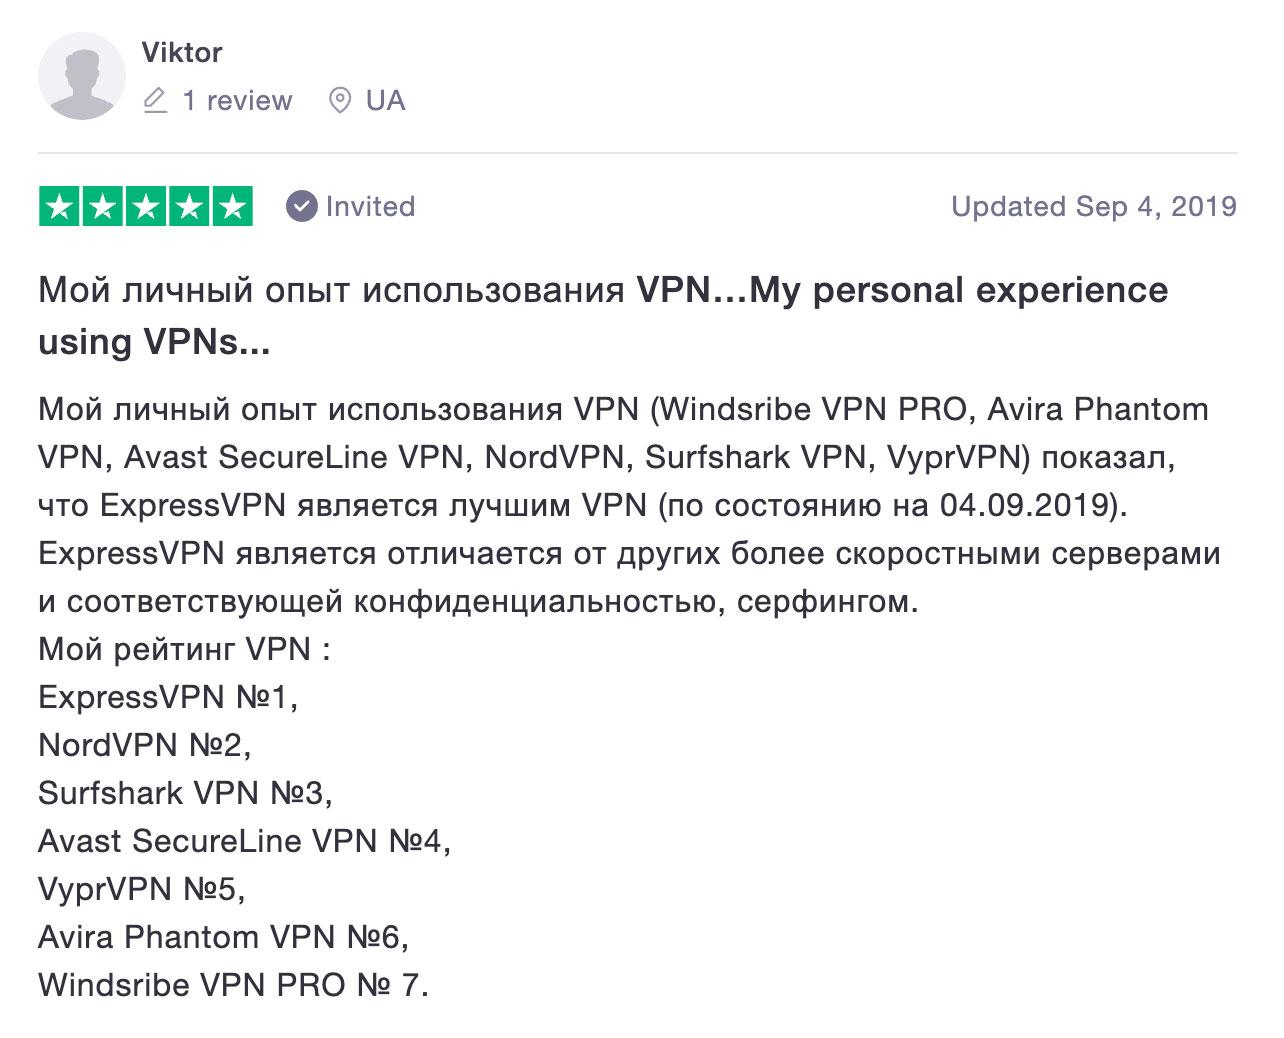 отзыв лучшего vpn сервиса №2 expressvpn